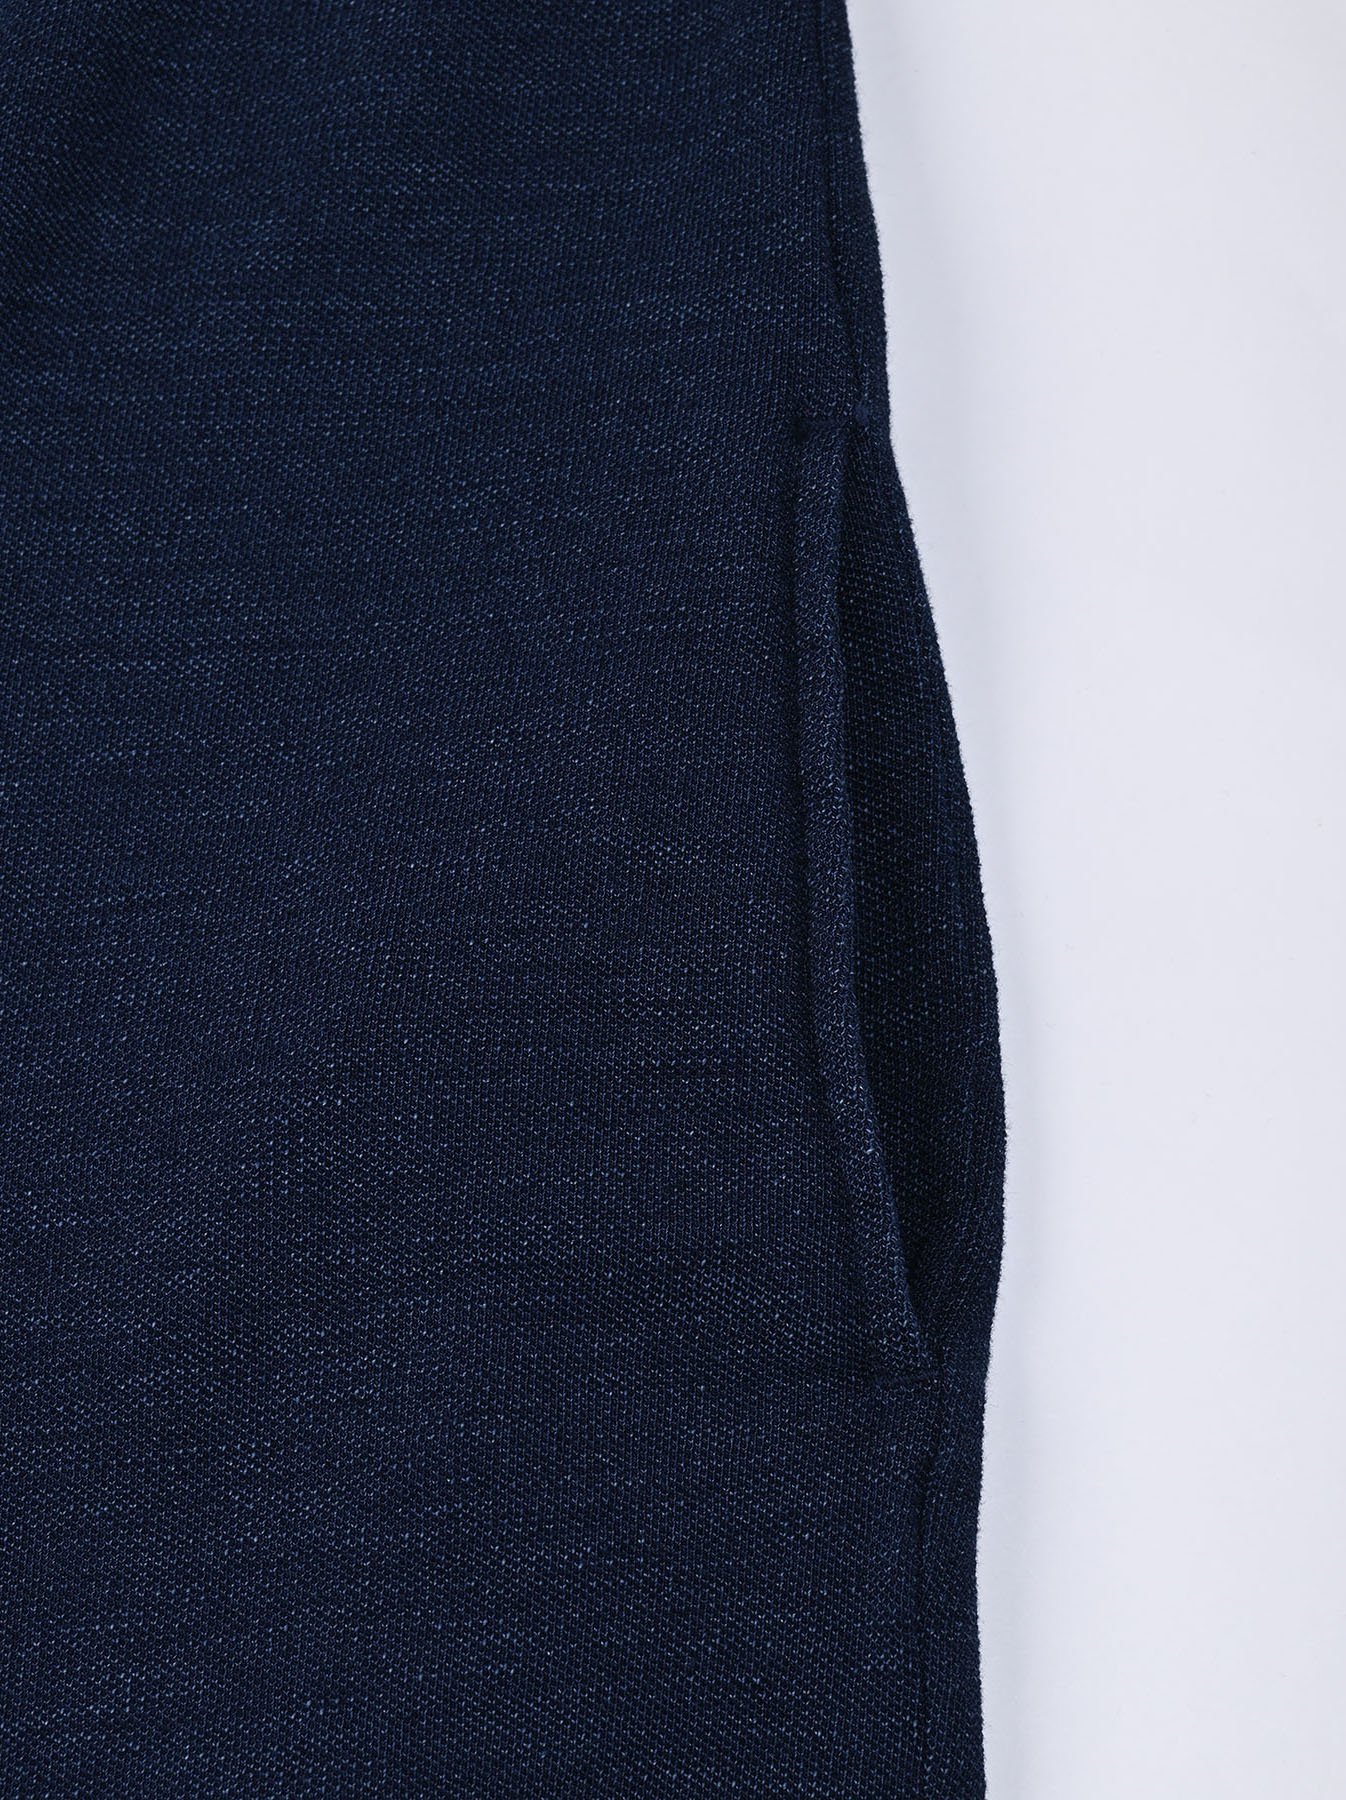 Indigo Kanoko Ocean Shiokaze Short-sleeved Polo Dress (0521)-10